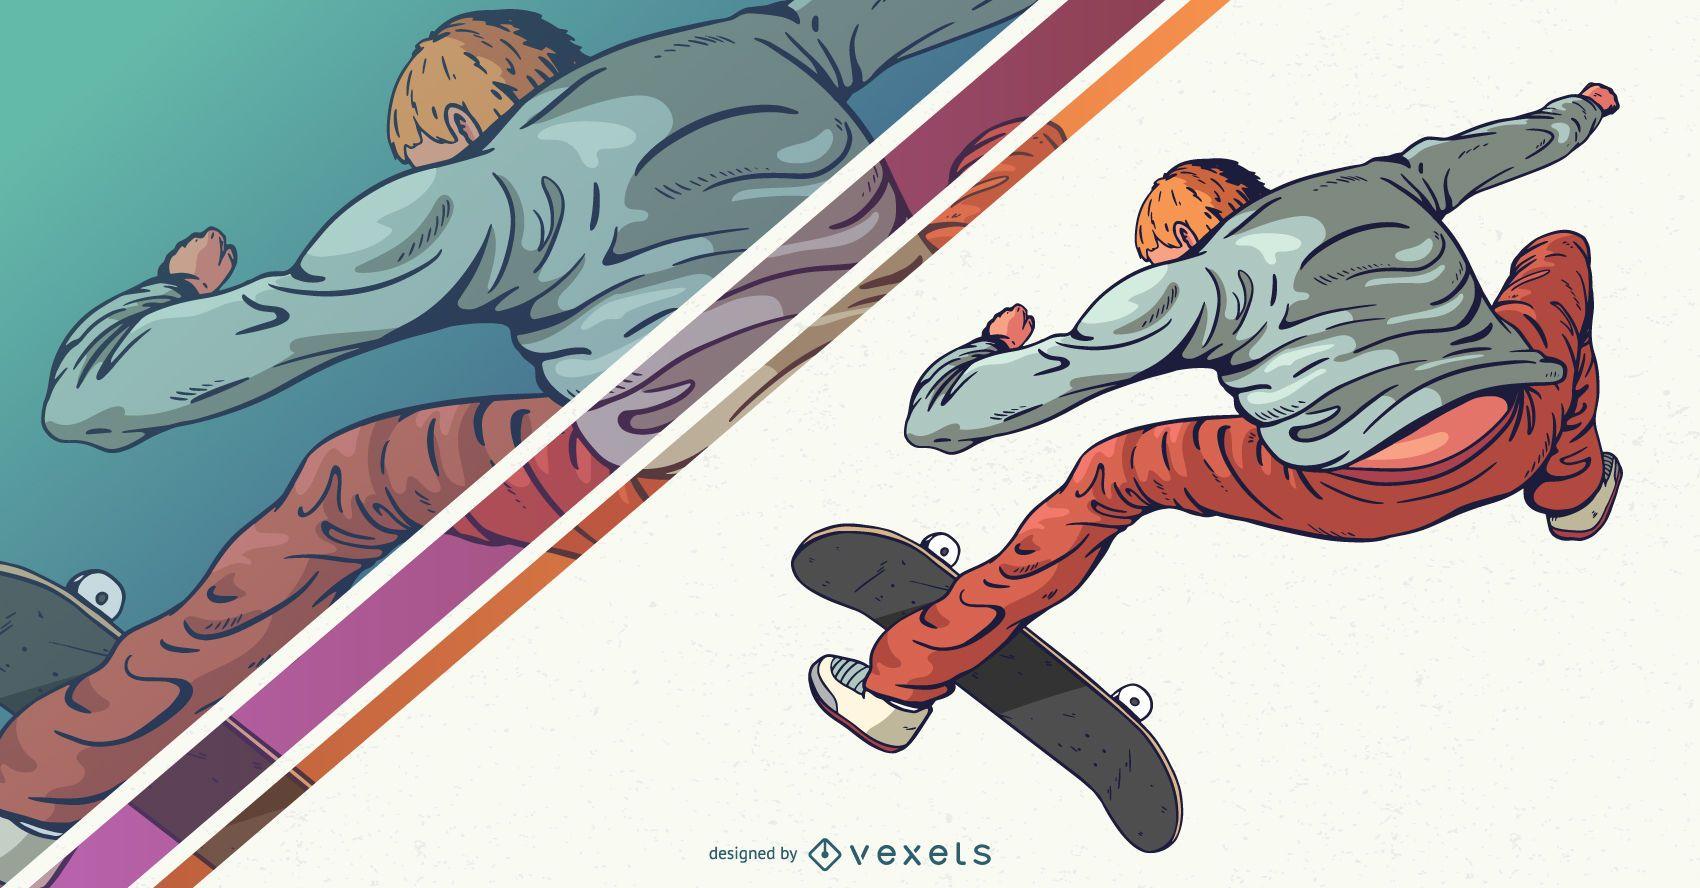 Skateboarder character design